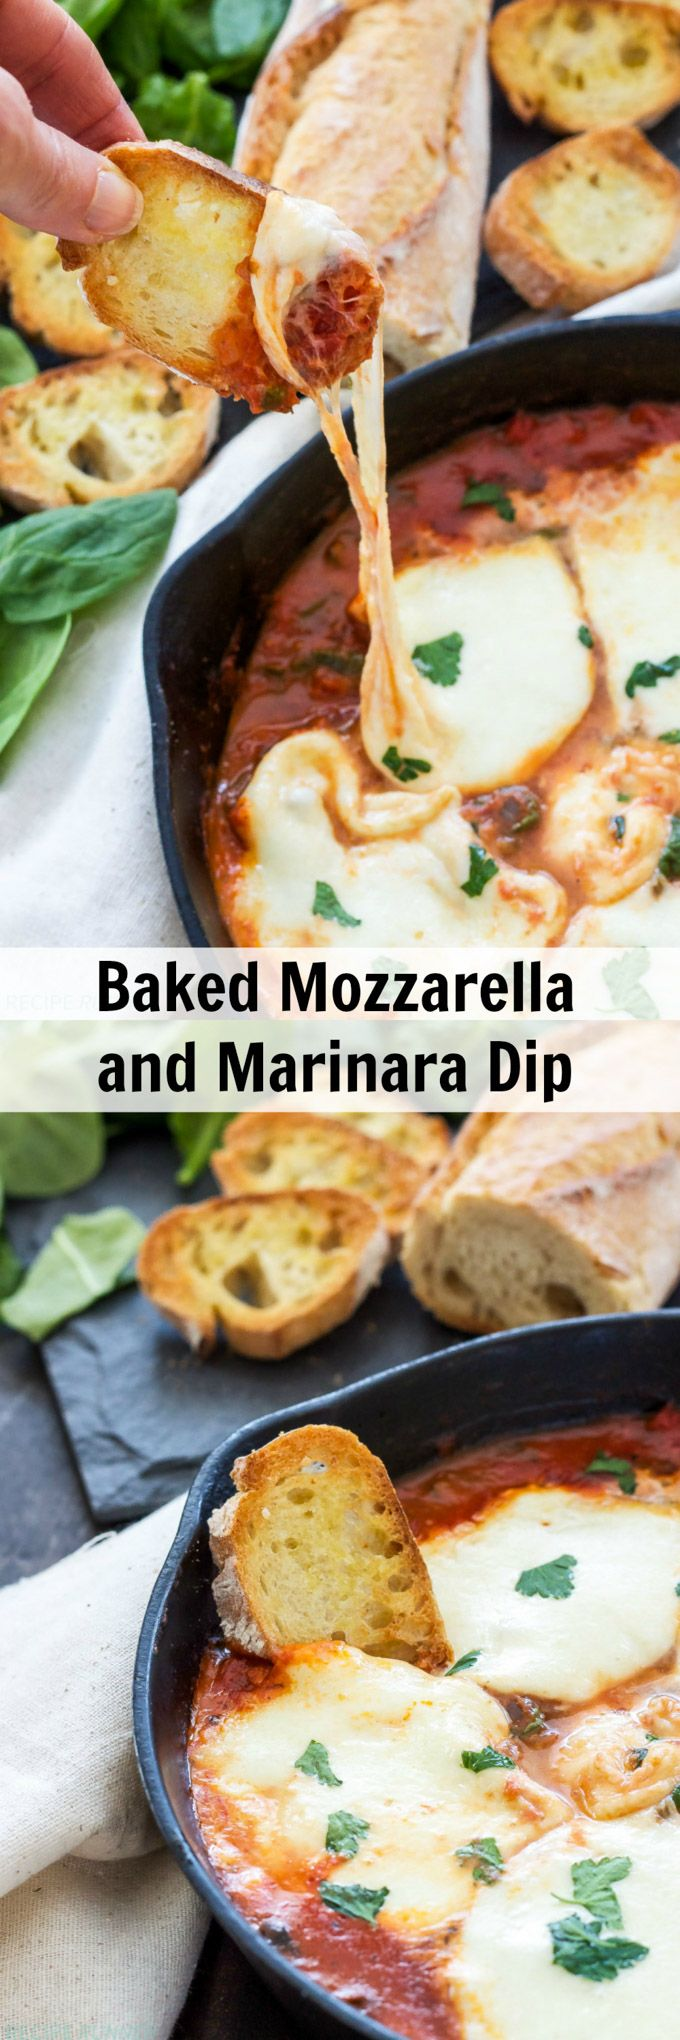 Baked Mozzarella and Marinara Dip | Marinara sauce, spinach and fresh mozzarella cheese are all you need to make this easy three ingredient Baked Mozzarella and Marinara Dip!